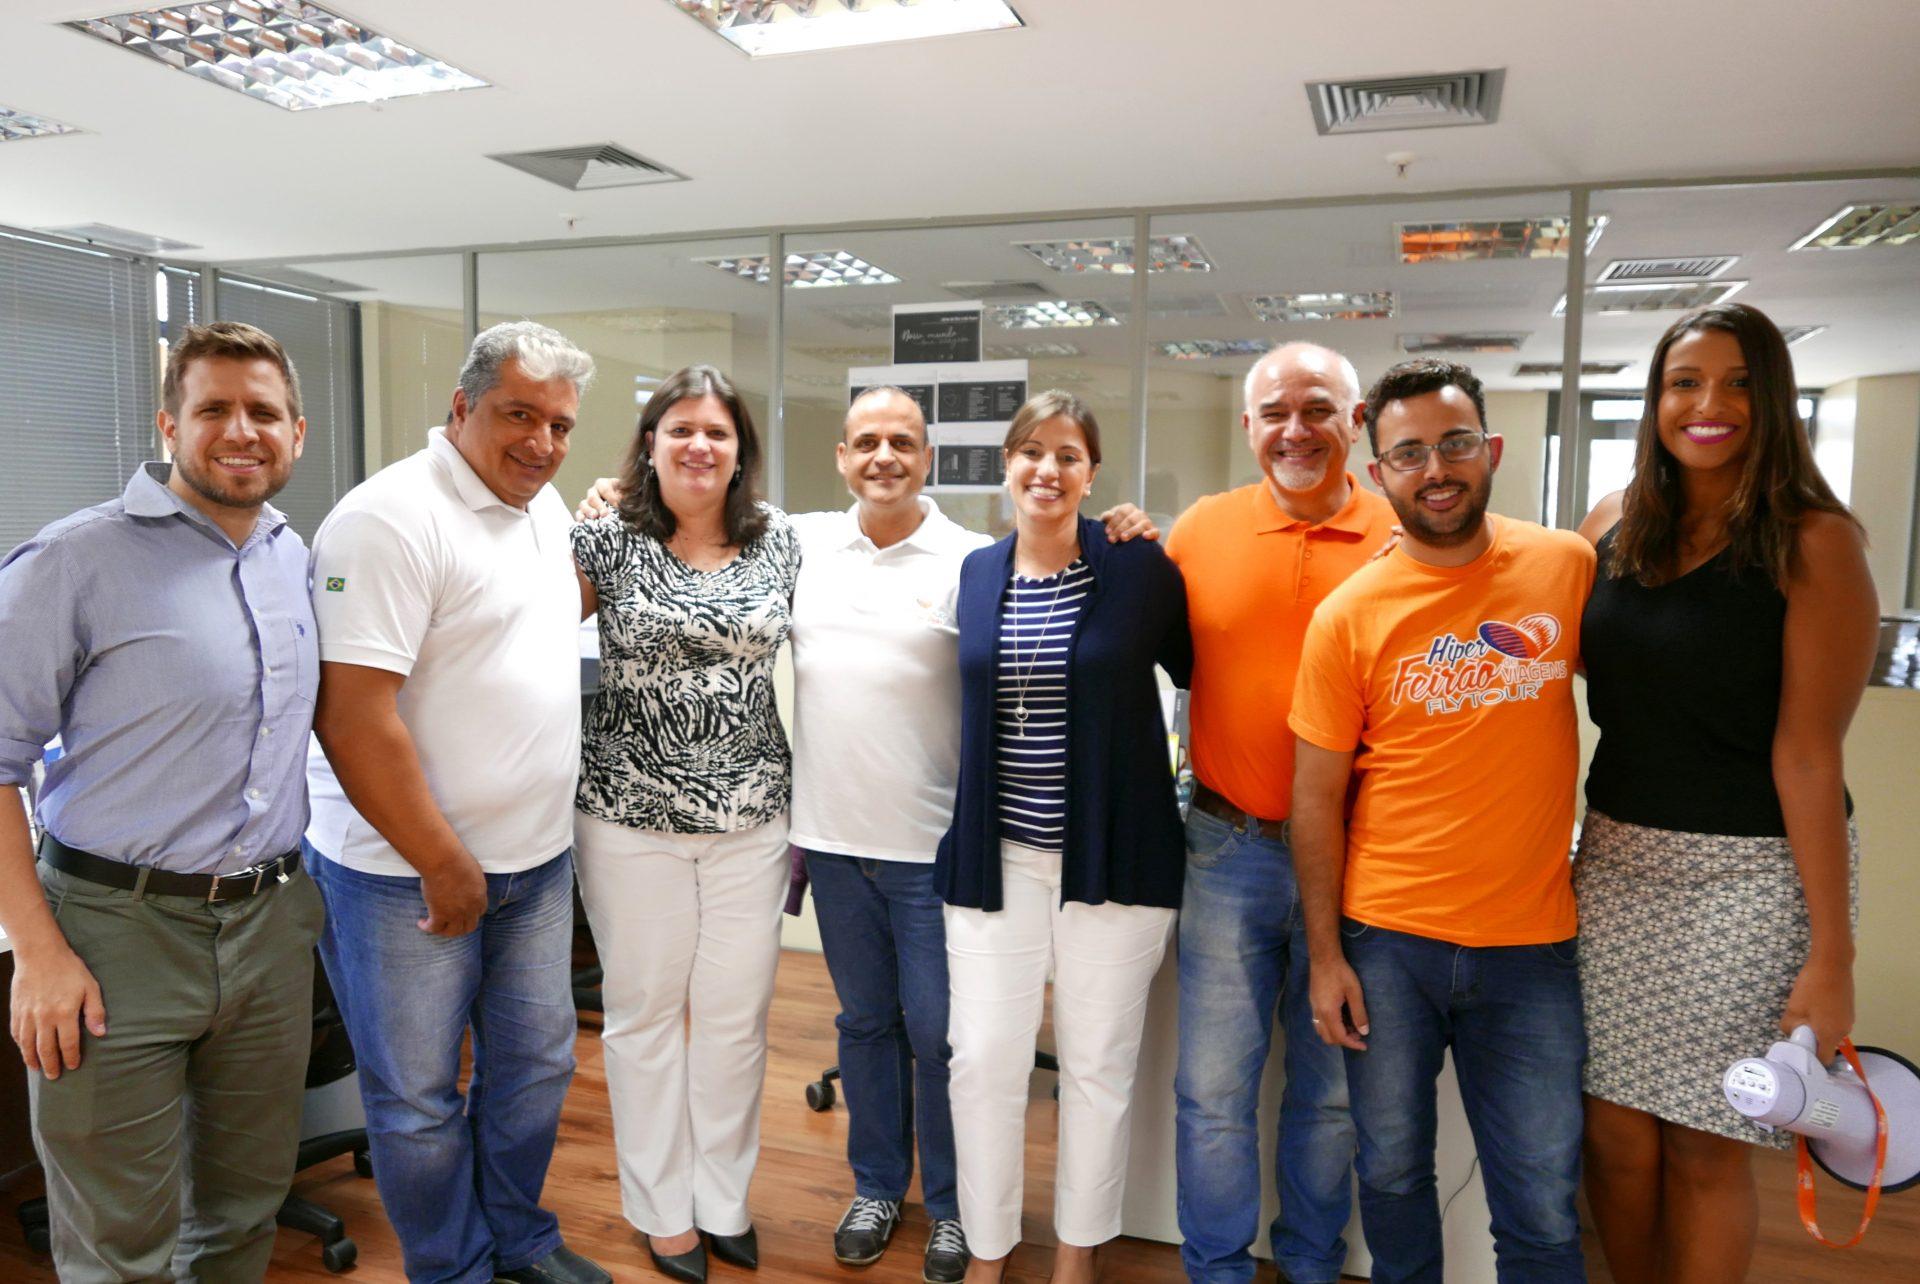 A equipe da Flytour Viagens de Belo Horizonte recebeu a dupla Palace Resorts de braços abertos